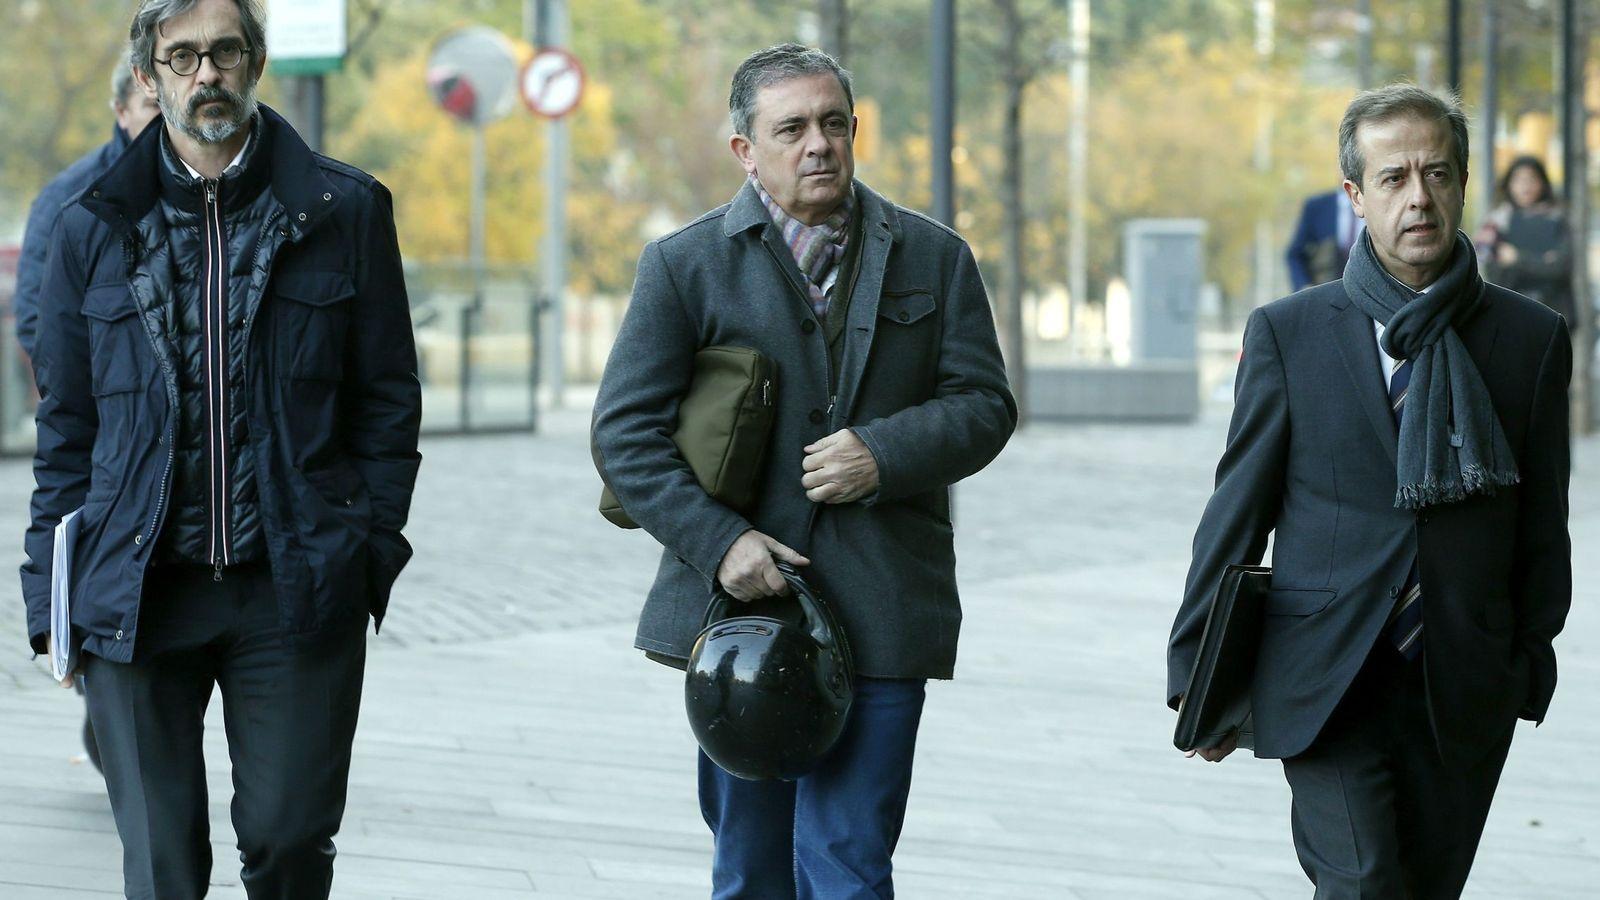 Foto: Jordi Pujol Ferrusola, primogénito del expresidente de la Generalitat (c), acompañado de sus abogados. (EFE)